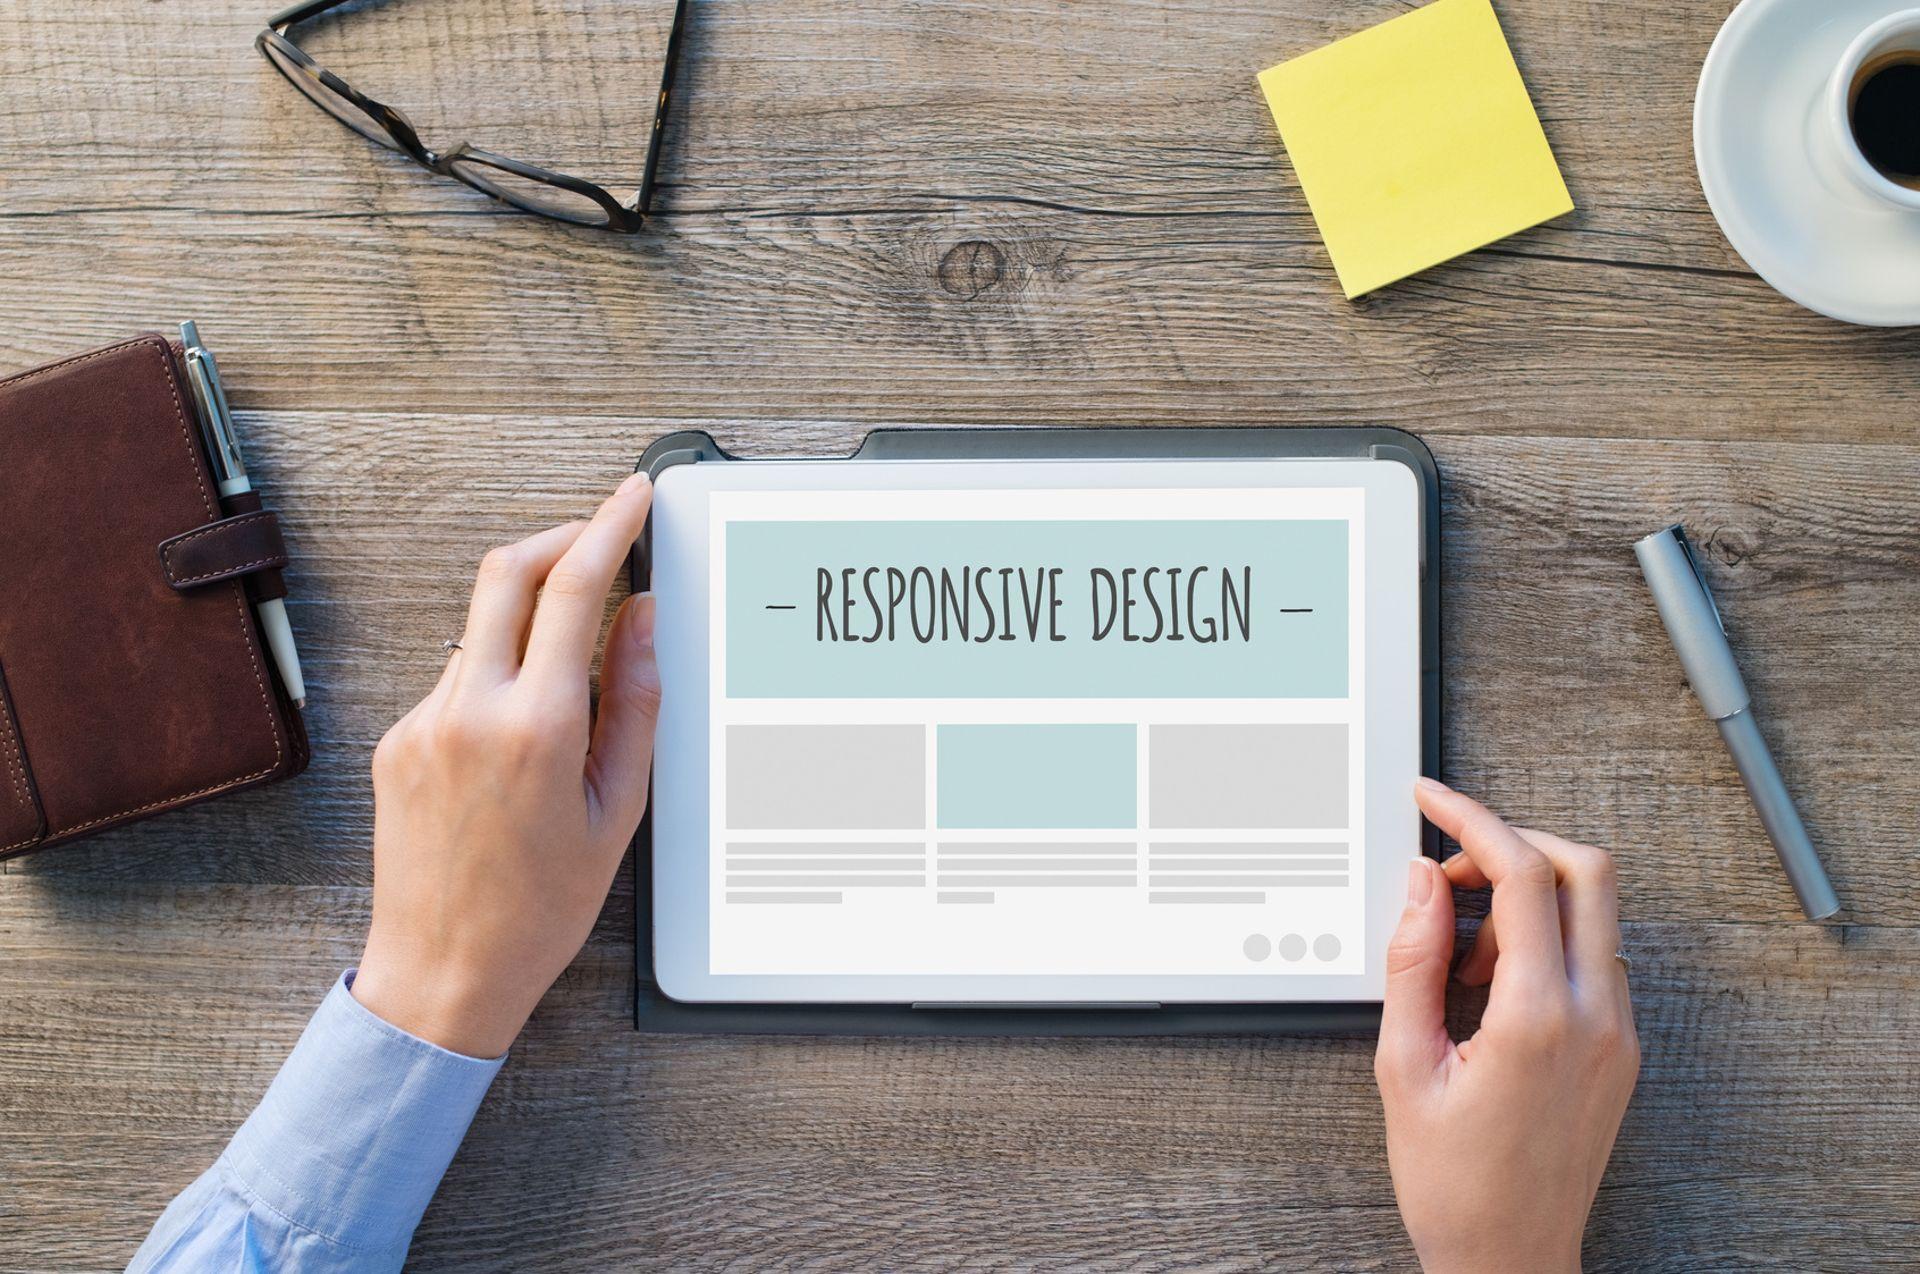 Diseño web responsive en tu nueva página web en Sitges